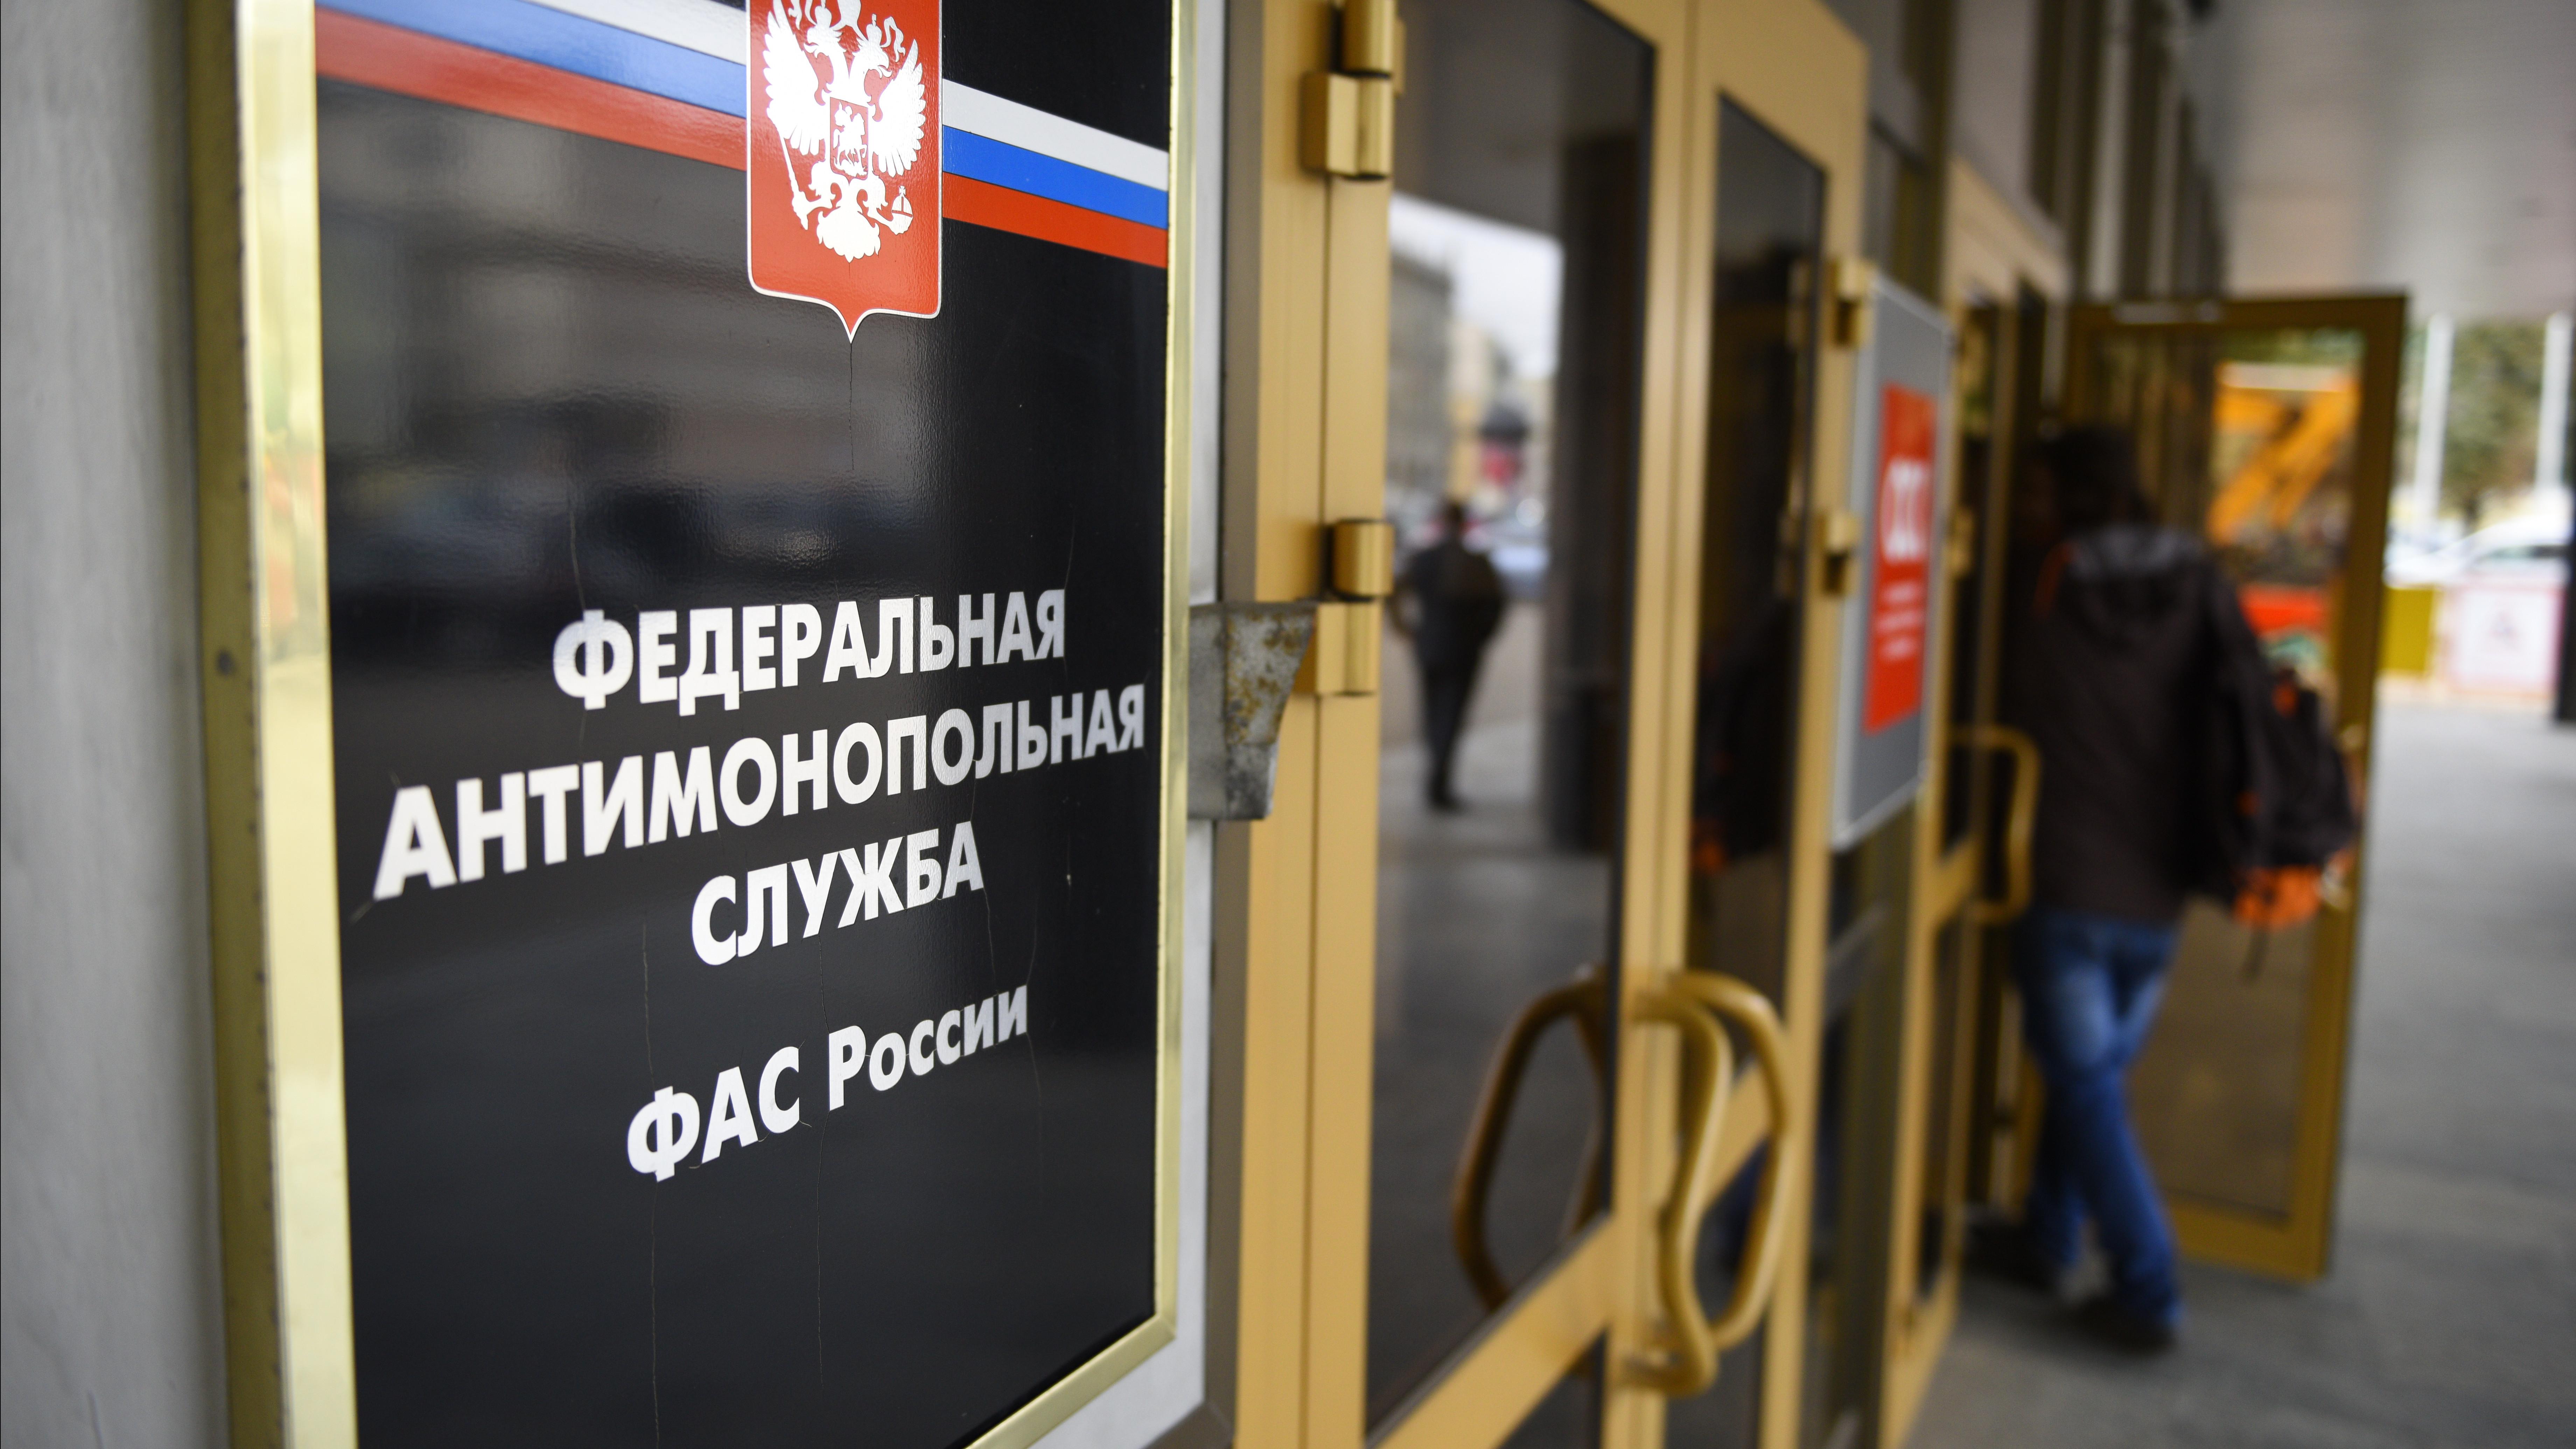 УФАС Подмосковья оштрафовало ООО «МПС» за заключение картельного сговора